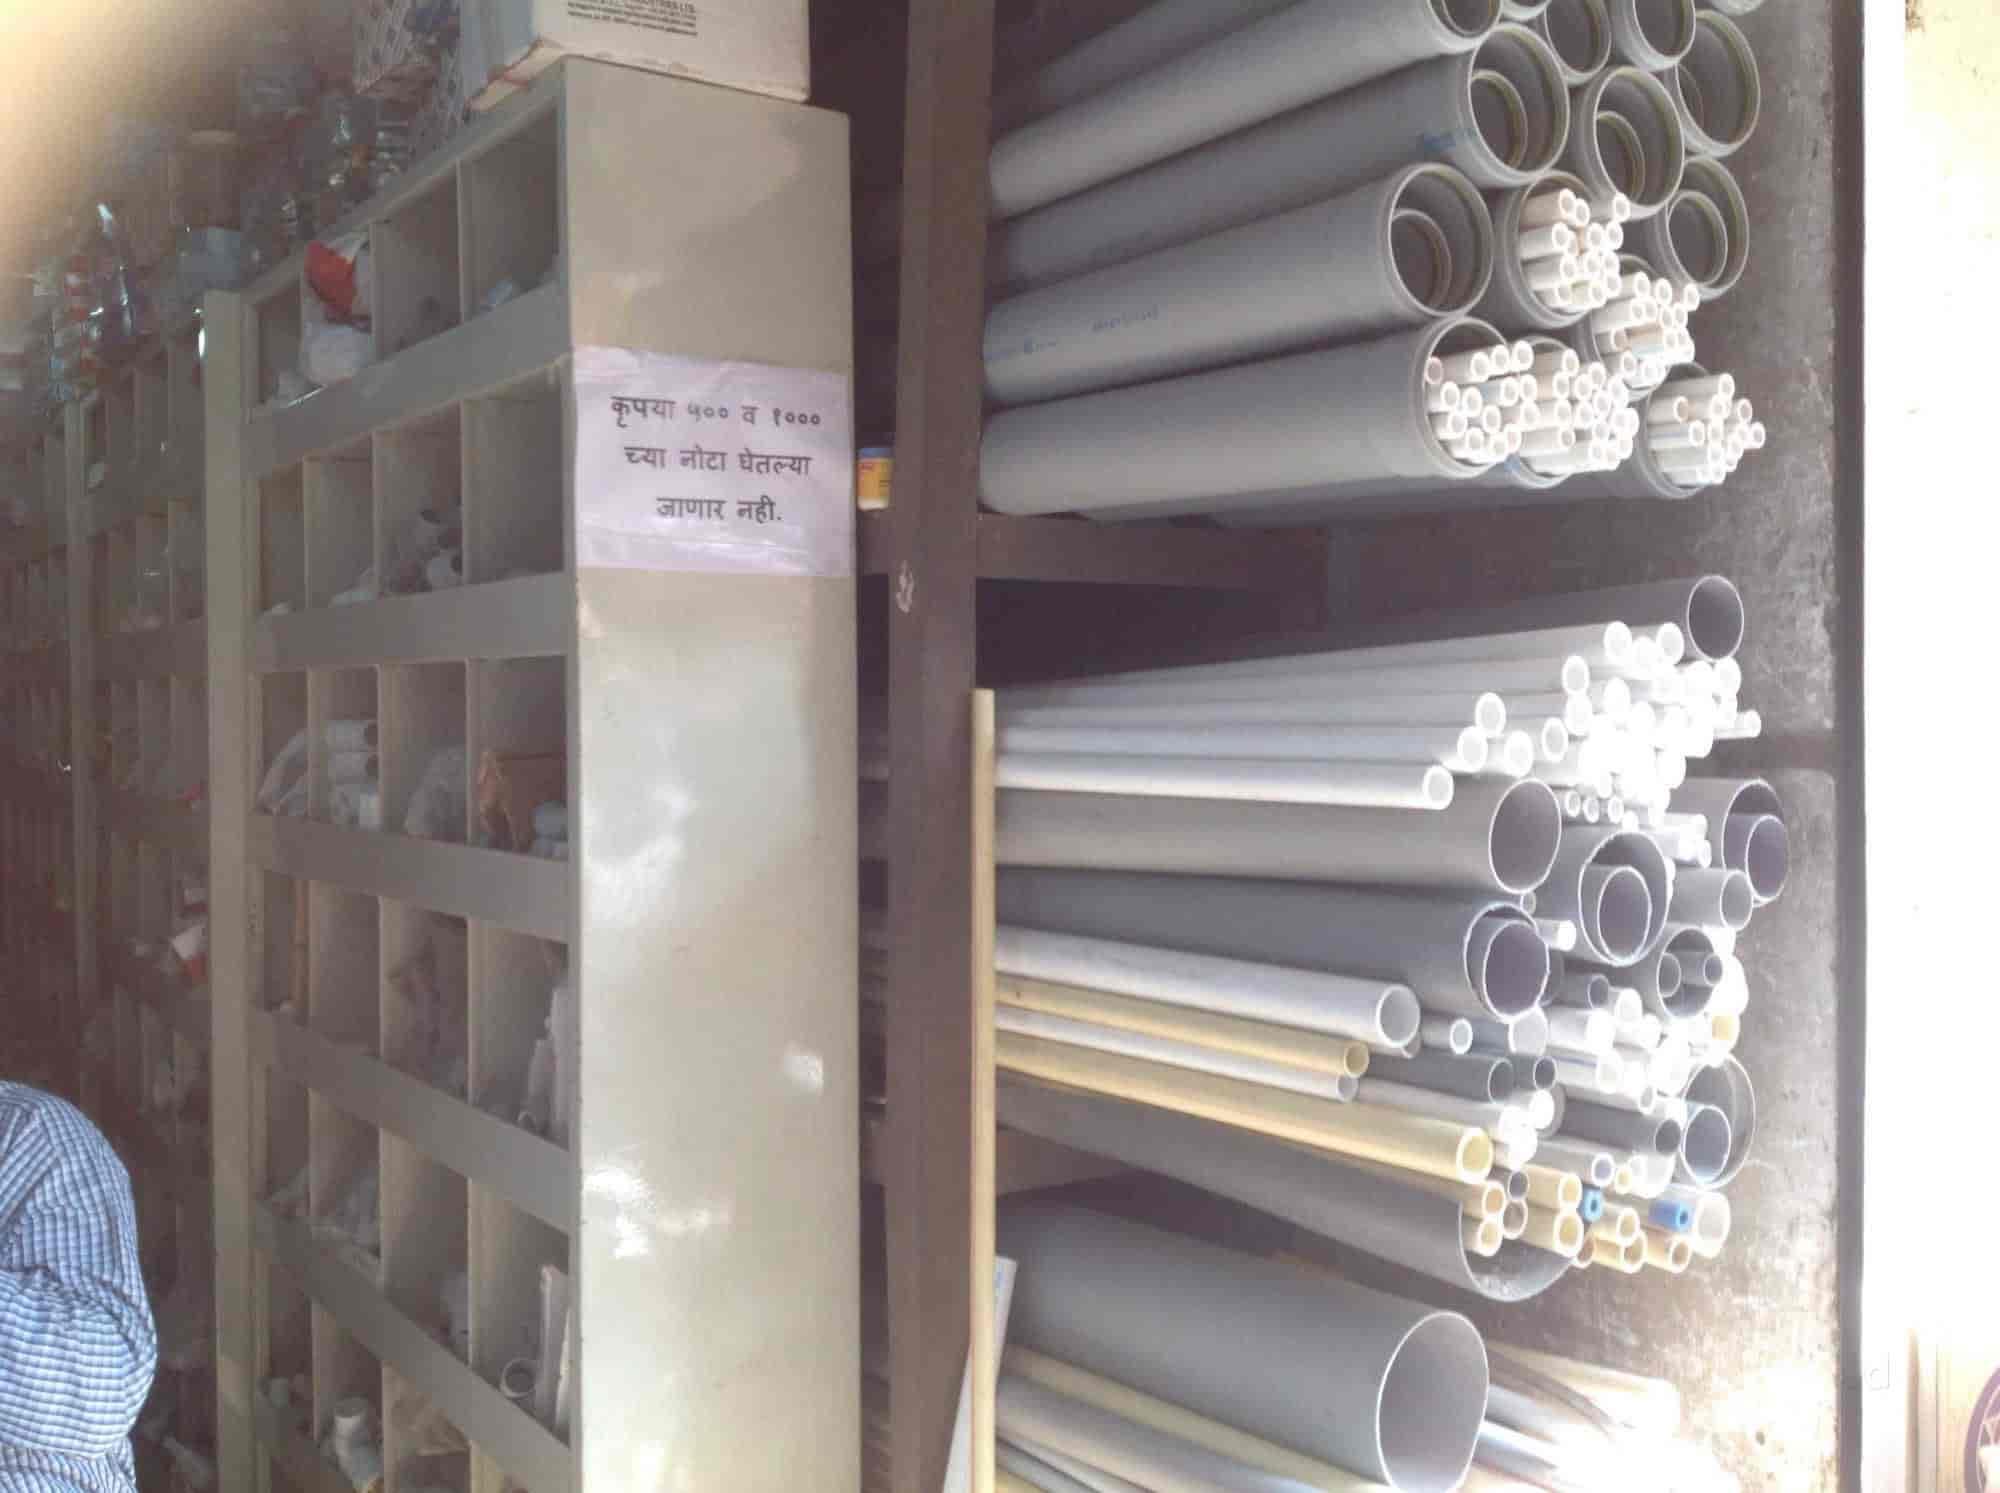 Birla Pipes, Jalgaon HO - Hardware Shops in Jalgaon - Justdial